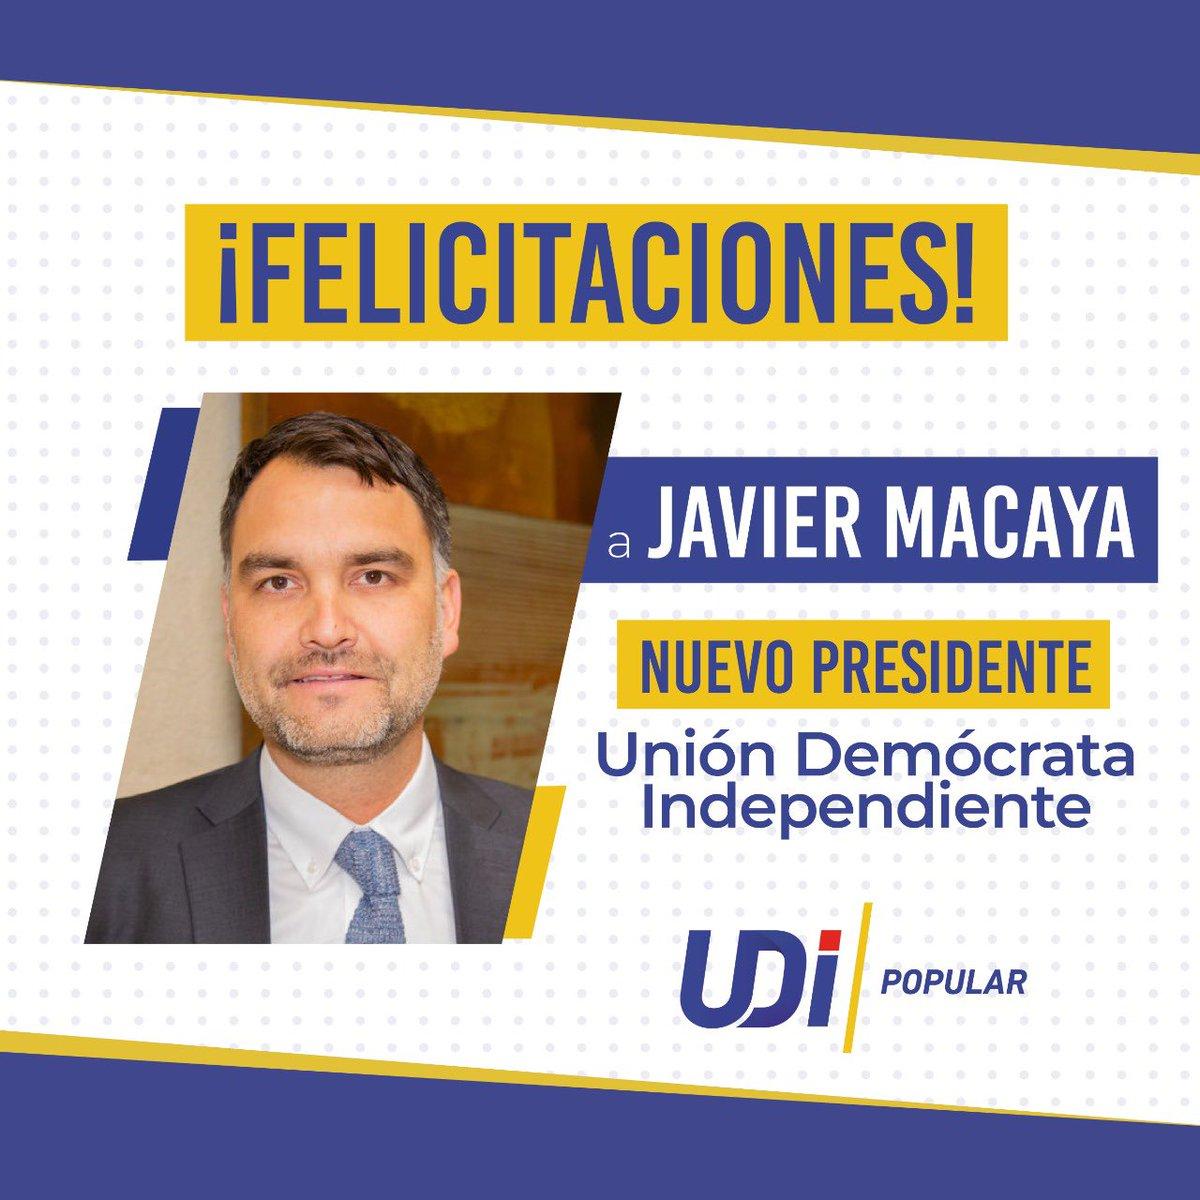 [Resultados Oficiales Elecciones Internas UDI 2020] 🗳  Felicitamos a nuestro nuevo Presidente @javiermacaya y a su directiva.👏🏻  Felicitamos también a Víctor Pérez por una impecable campaña y  nuestros militantes por el gran compromiso con el partido. 👏🏻👏🏻👏🏻